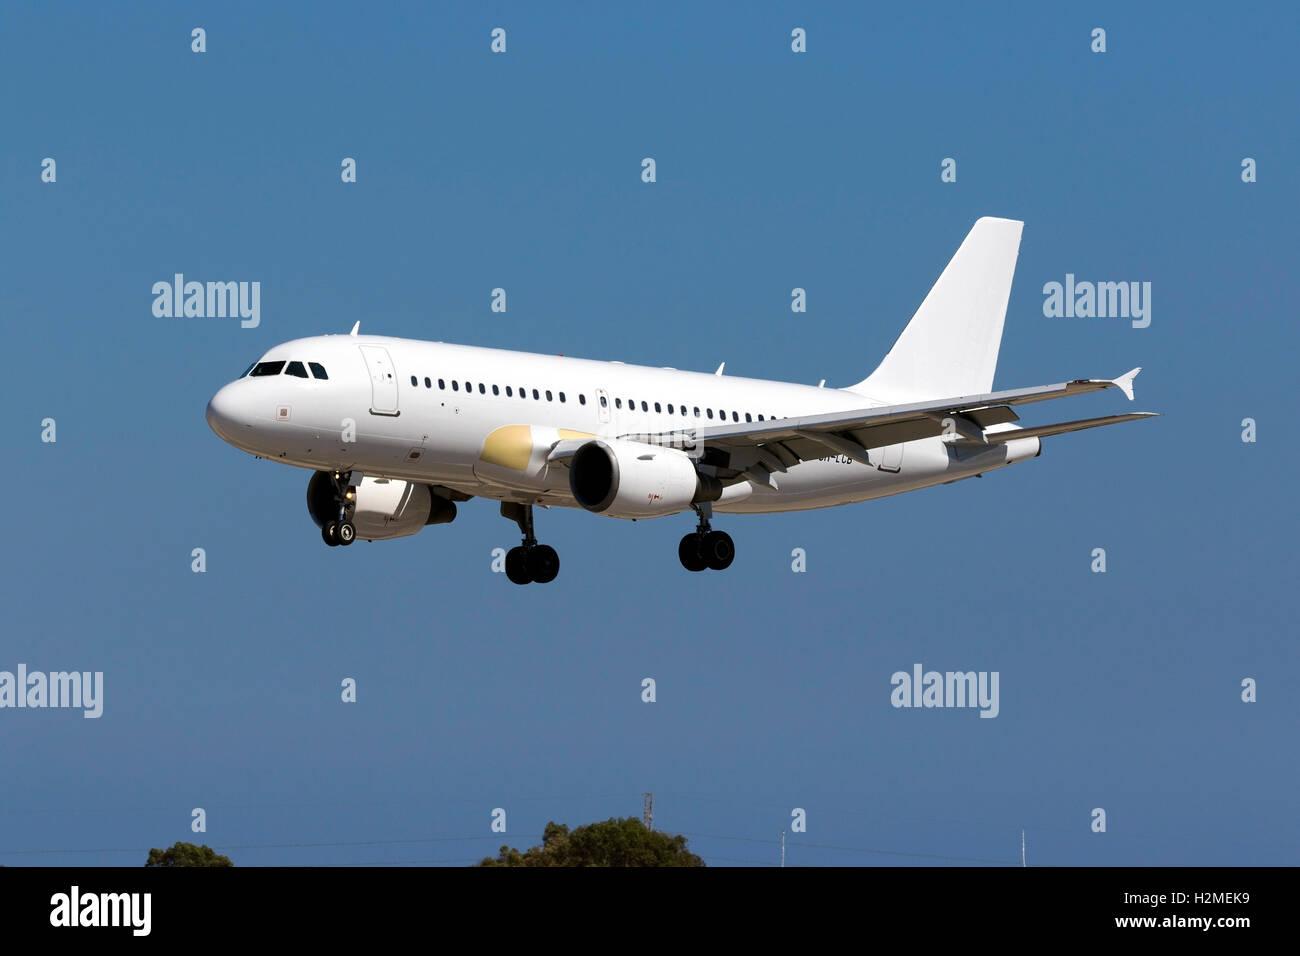 Hyperion Aviation Airbus A319-111 [9H-LCB] arrivando pista 31 in tutti livrea bianca, con alcuni pannelli sostituito Immagini Stock